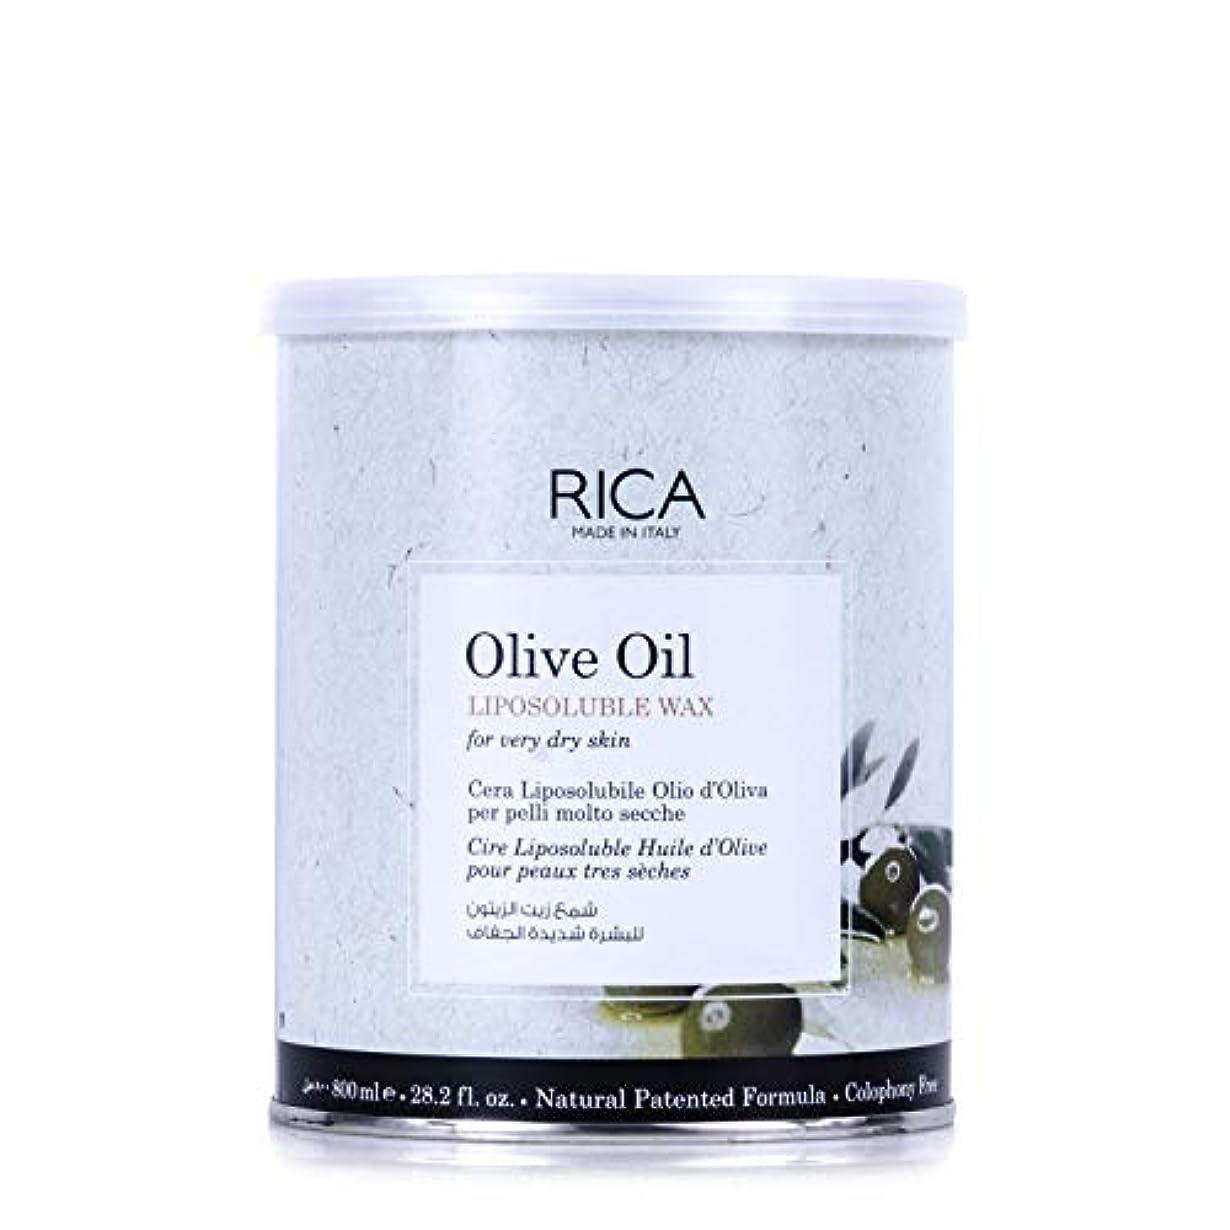 電極スロット二次RICA リポソルブルワックス OLO(オリーブオイル) 800mL ワックス脱毛 Olive Oil LIPOSOLUBLE WAX for very dry skin リカ